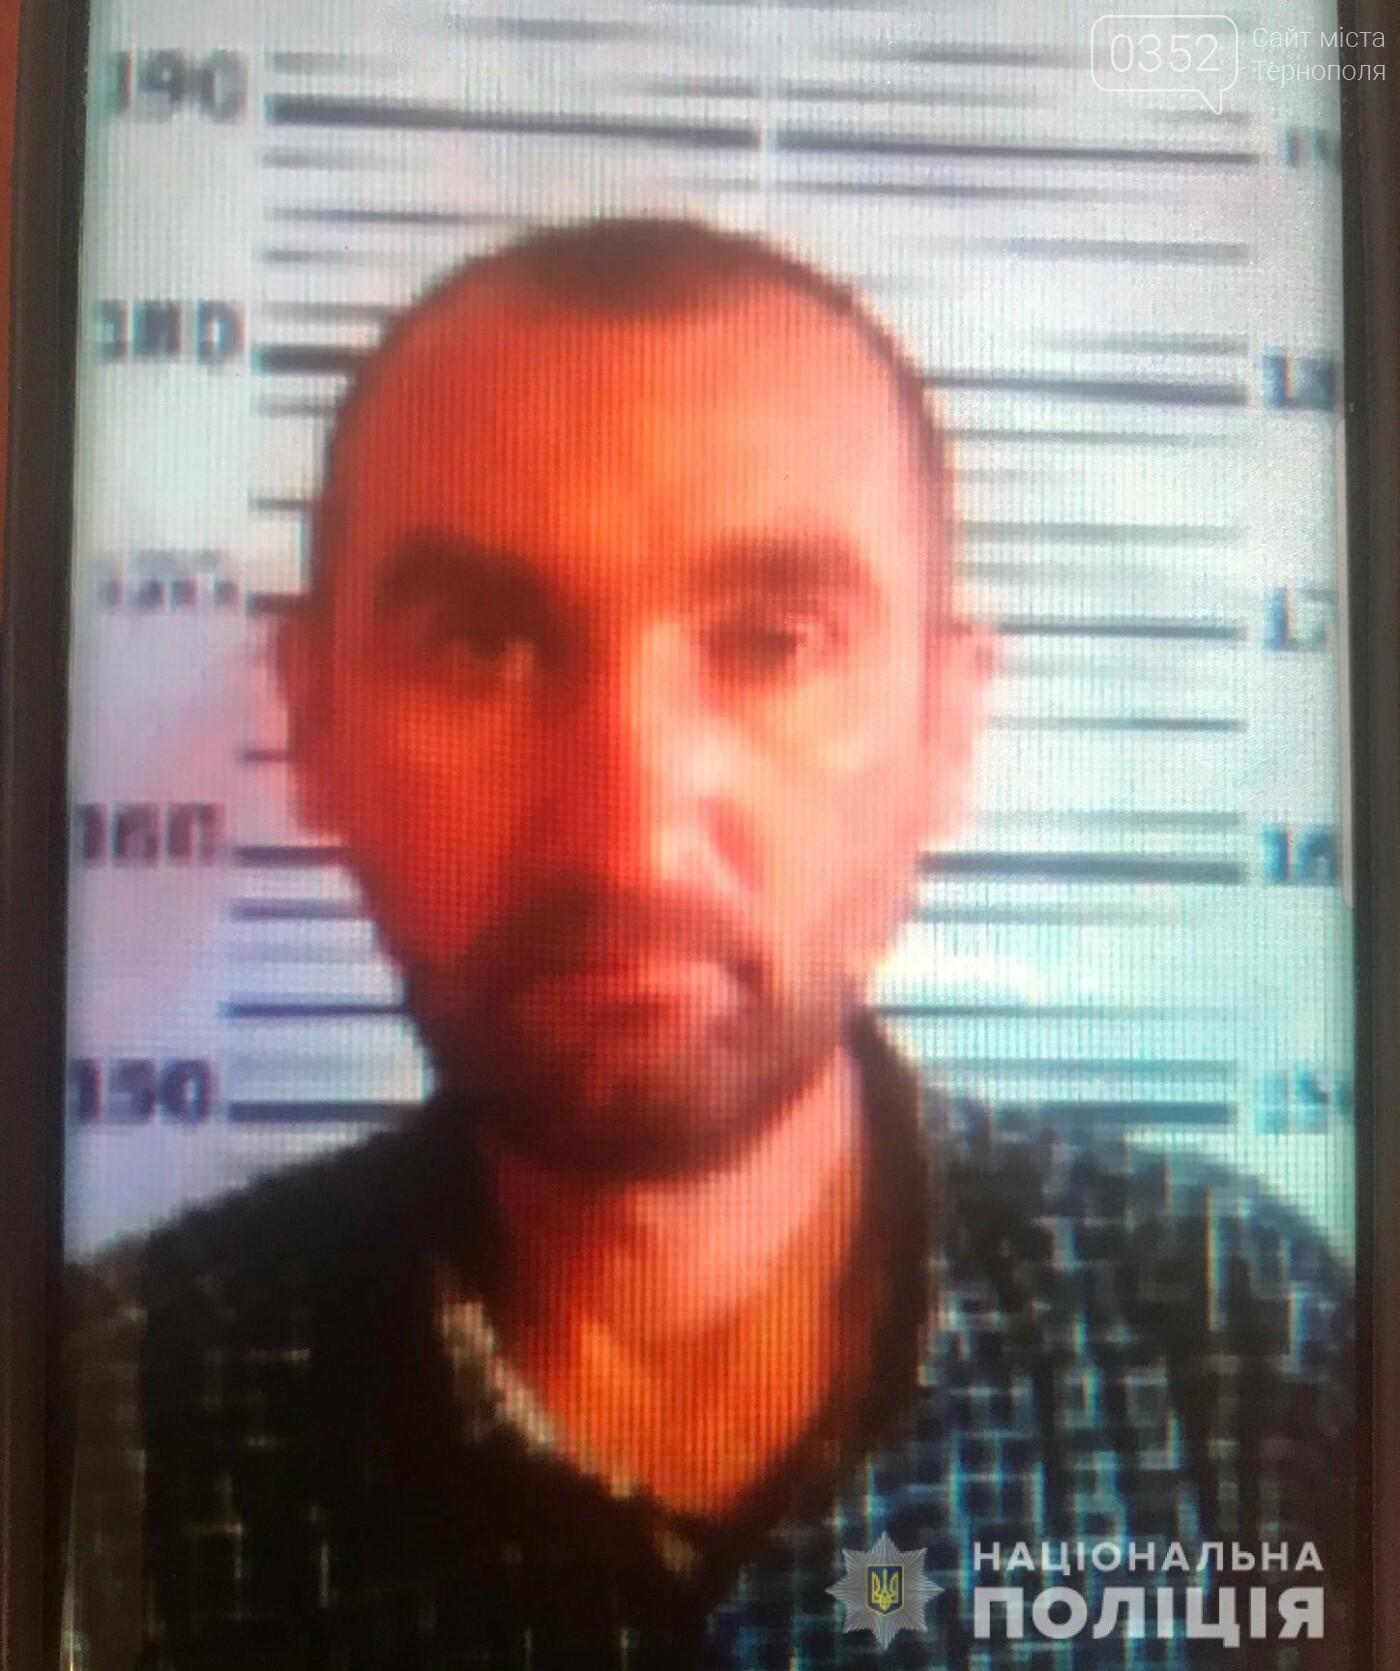 Правоохоронці ще з серпня розшукують тернополянина, який після арешту не повернувся додому (ФОТО), фото-1